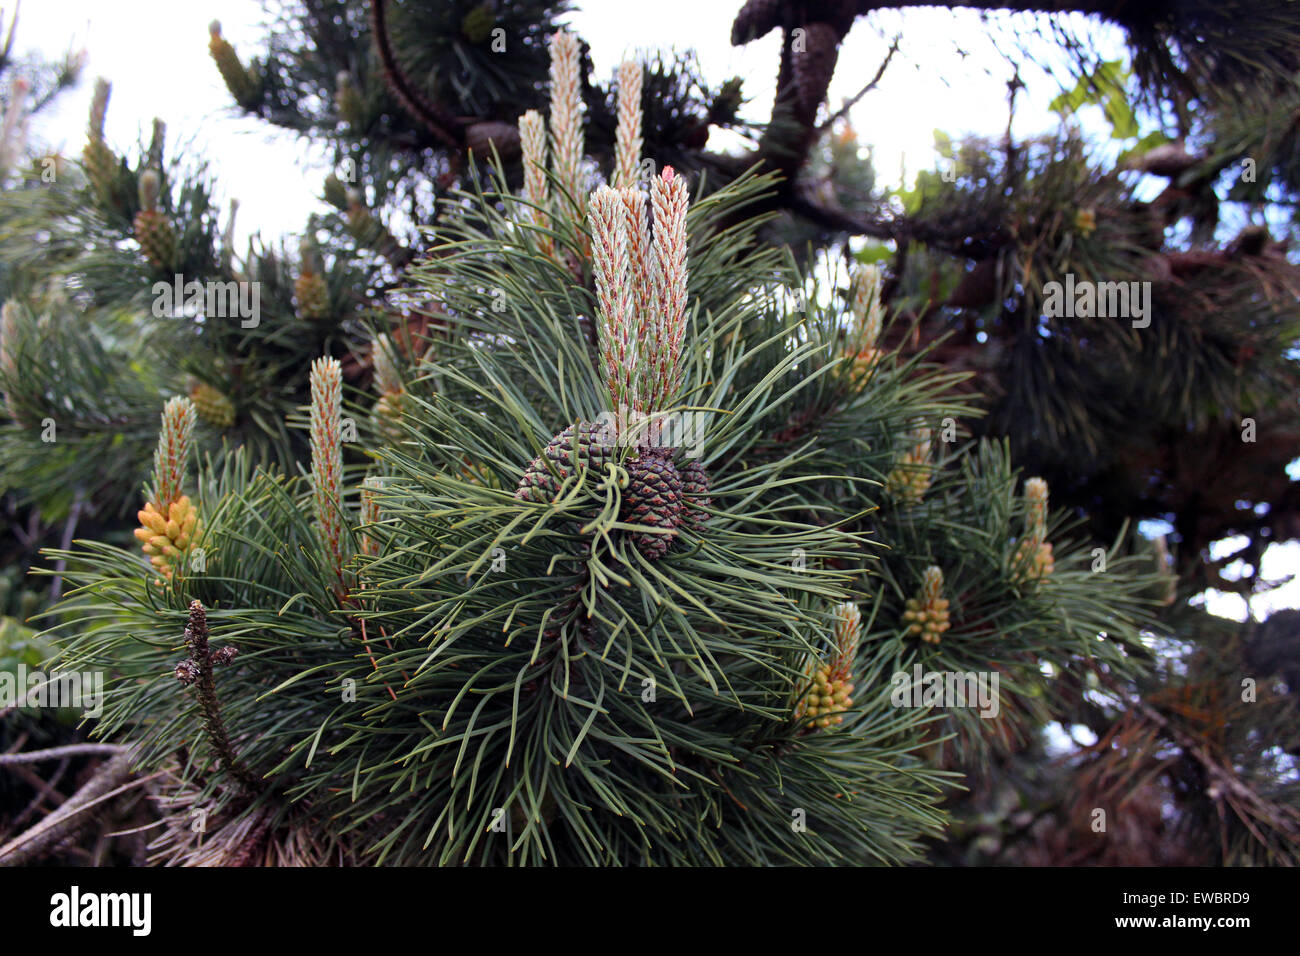 Baum, Baum, Winkel, Balken, schön, Schönheit, Buche, Ruhe, Gelassenheit, England, Englisch, ätherisch, Stockbild